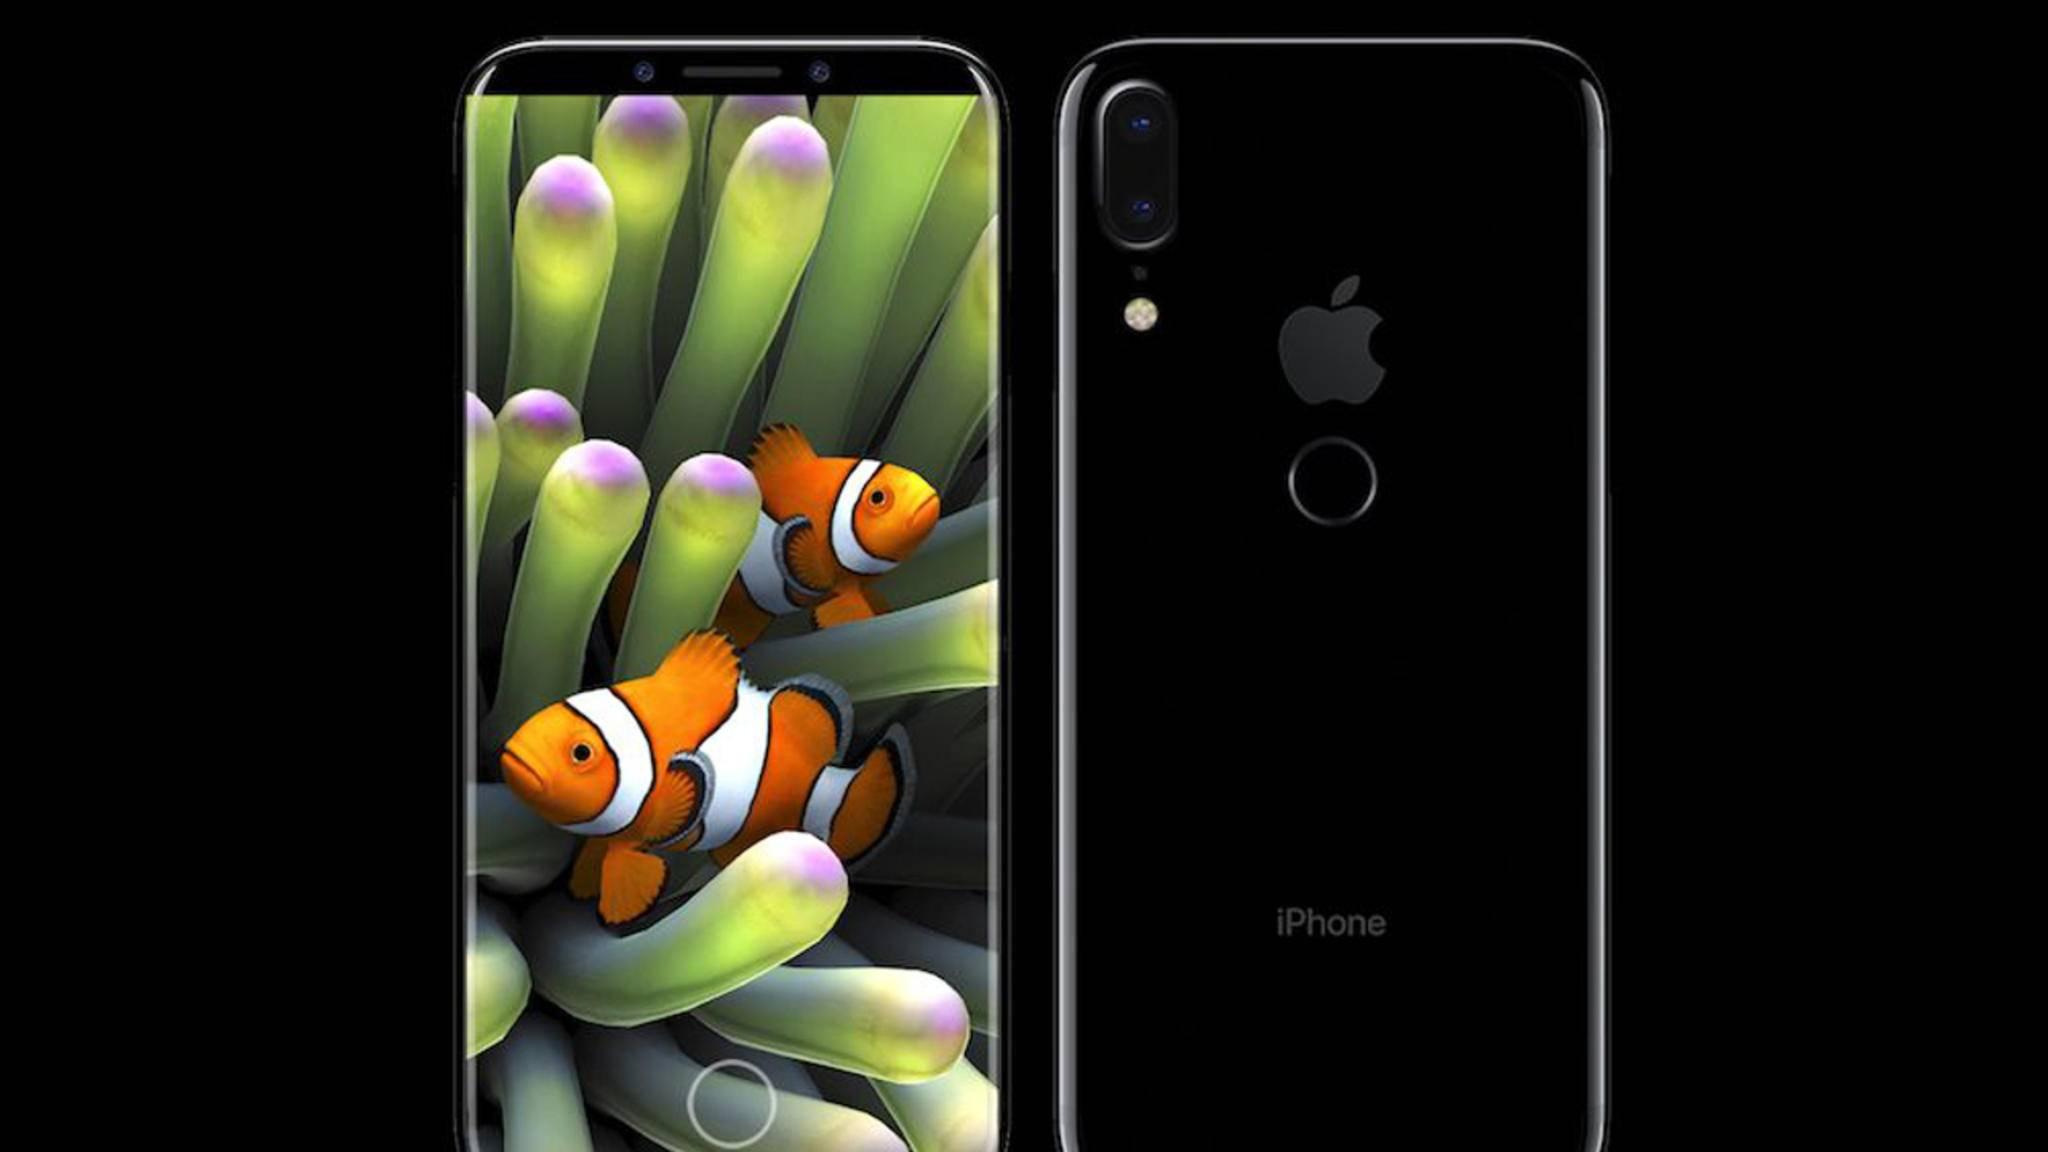 Sieht so das iPhone 8 aus?